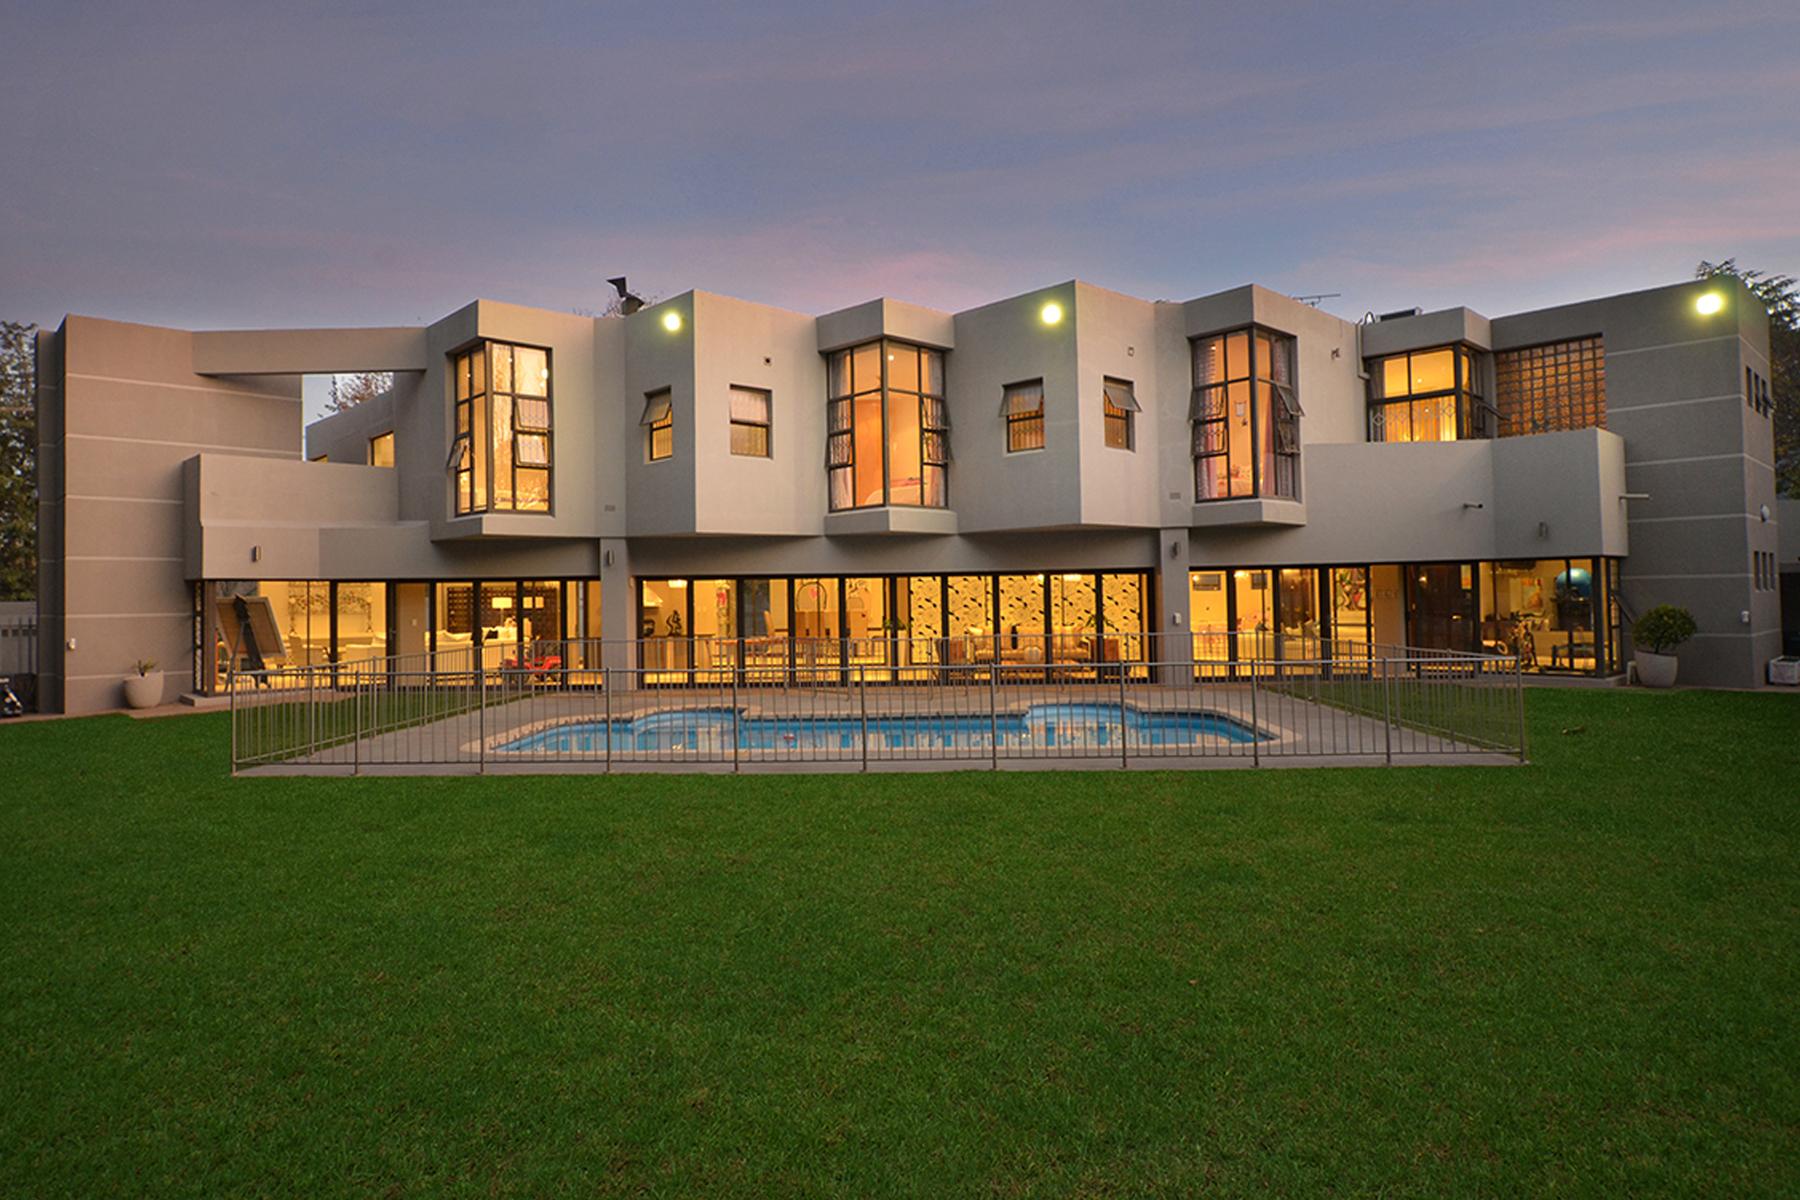 Einfamilienhaus für Verkauf beim Linksfield North Johannesburg, Gauteng, 2007 Südafrika